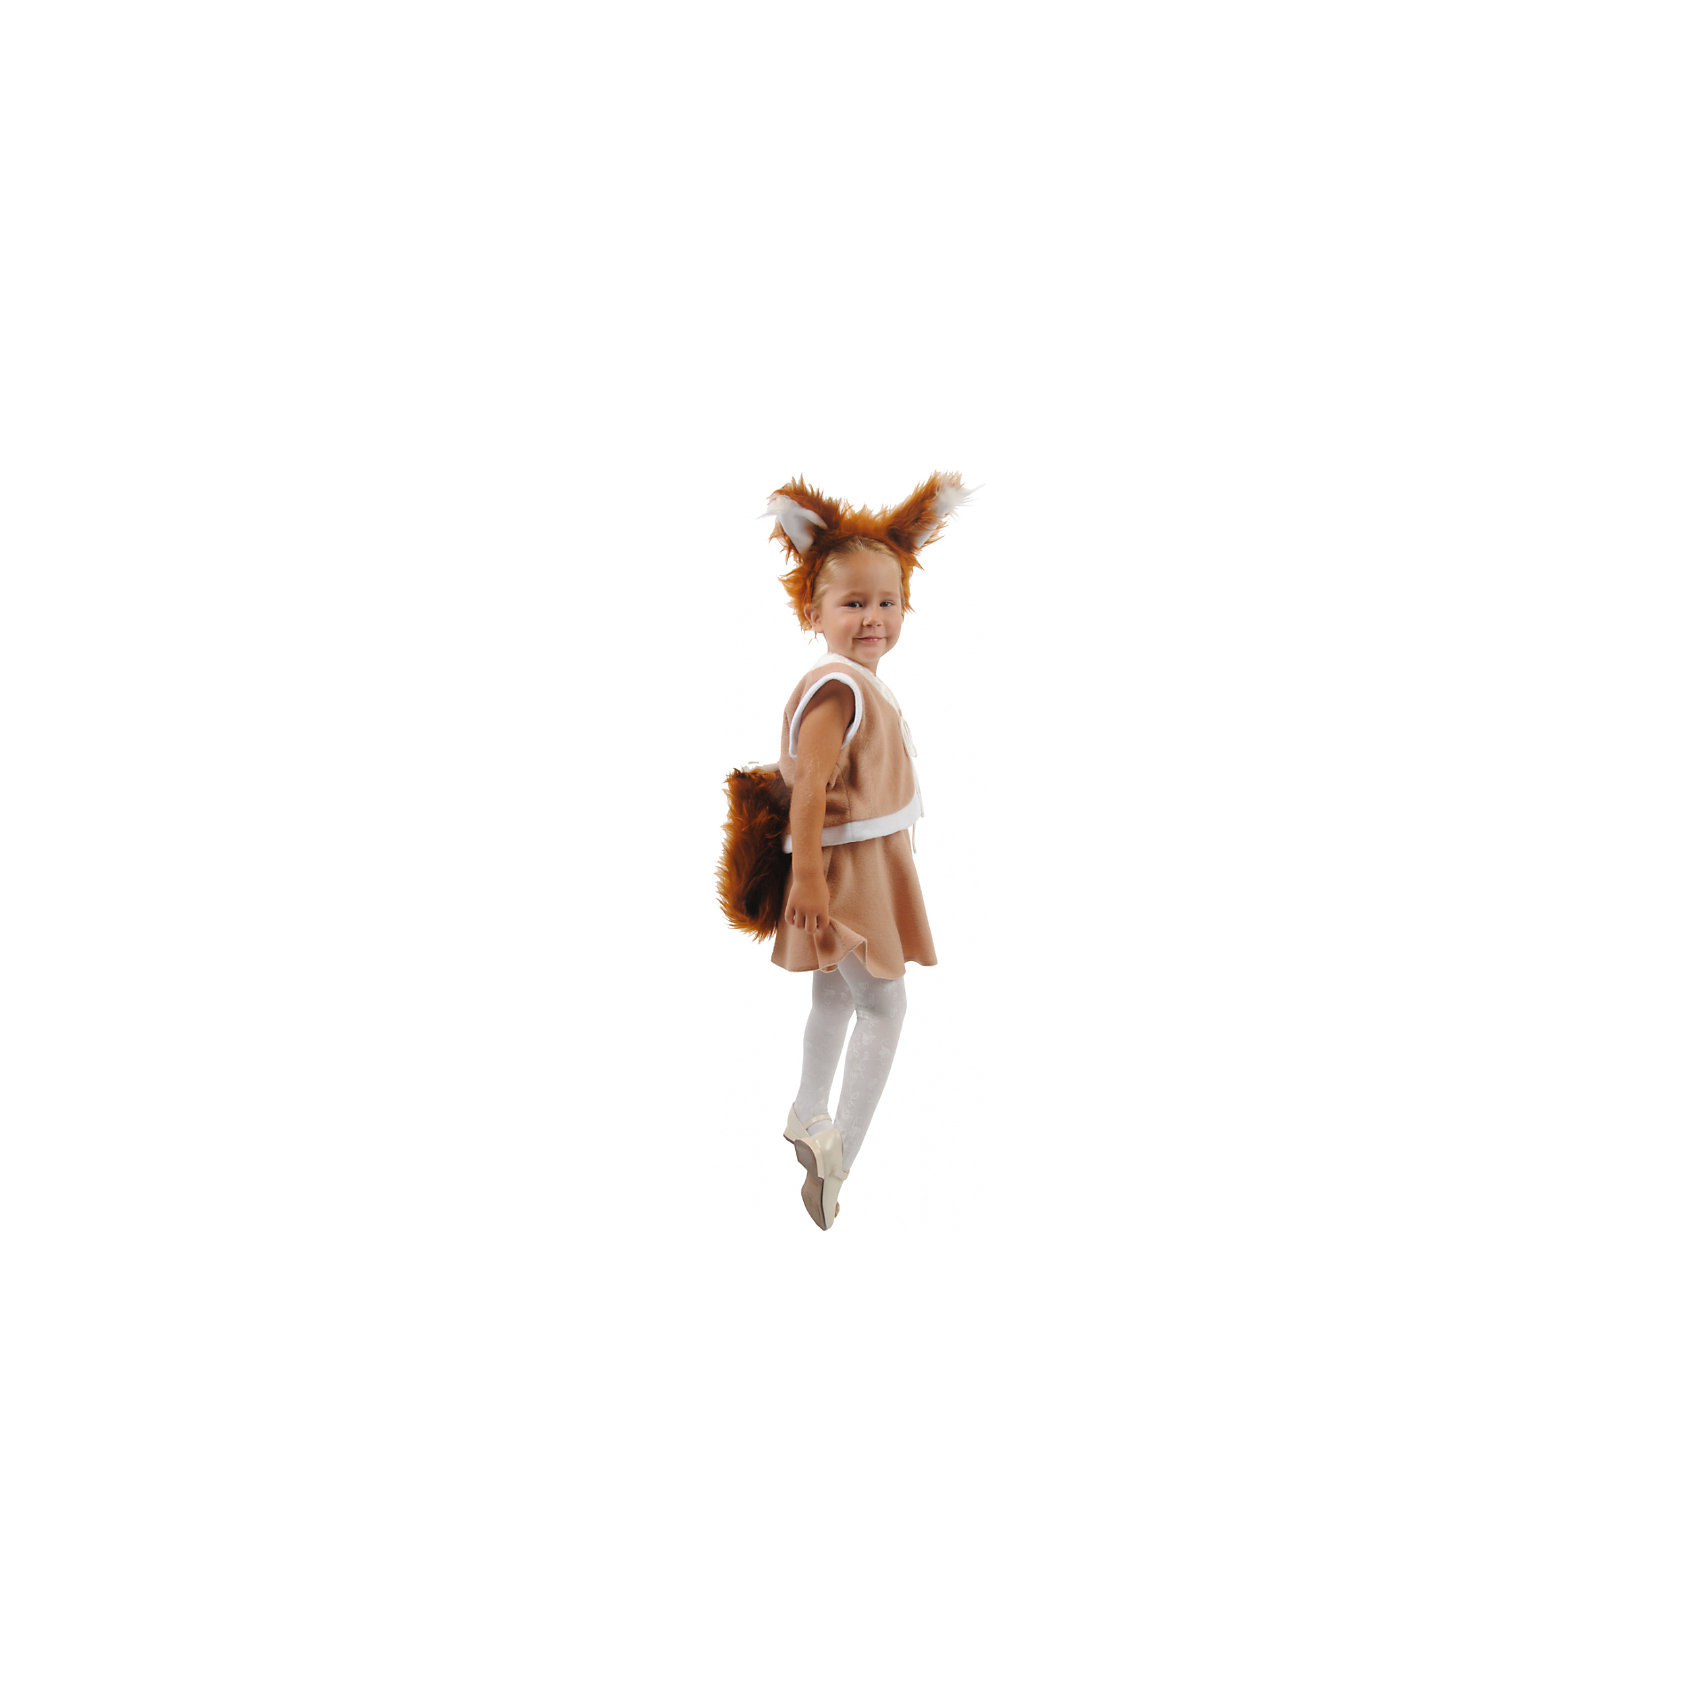 Карнавальный костюм для девочки Белочка, ВестификаКарнавальные костюмы и аксессуары<br>Детский карнавальный костюм Белочка произведен в России компанией Вестифика. Карнавальный костюм Белочка для девочки состоит из юбочки, жилетки с хвостиком, ободка с ушками. Мягкий и удобный костюм из флиса не стесняет движения. ребенок чувствует себя в нем абсолютно комфортно.<br><br>Дополнительная информация:<br><br>Комплектация:<br>Жилетка с хвостиком<br>Юбочка<br>Ободок с ушками<br>Ткани:<br>Флис (100% полиэстер)<br><br><br>Карнавальный костюм для девочки Белочка, Вестифика можно купить в нашем магазине.<br><br>Ширина мм: 236<br>Глубина мм: 16<br>Высота мм: 184<br>Вес г: 120<br>Цвет: разноцветный<br>Возраст от месяцев: 48<br>Возраст до месяцев: 60<br>Пол: Женский<br>Возраст: Детский<br>Размер: 104/110,116/122<br>SKU: 4389278